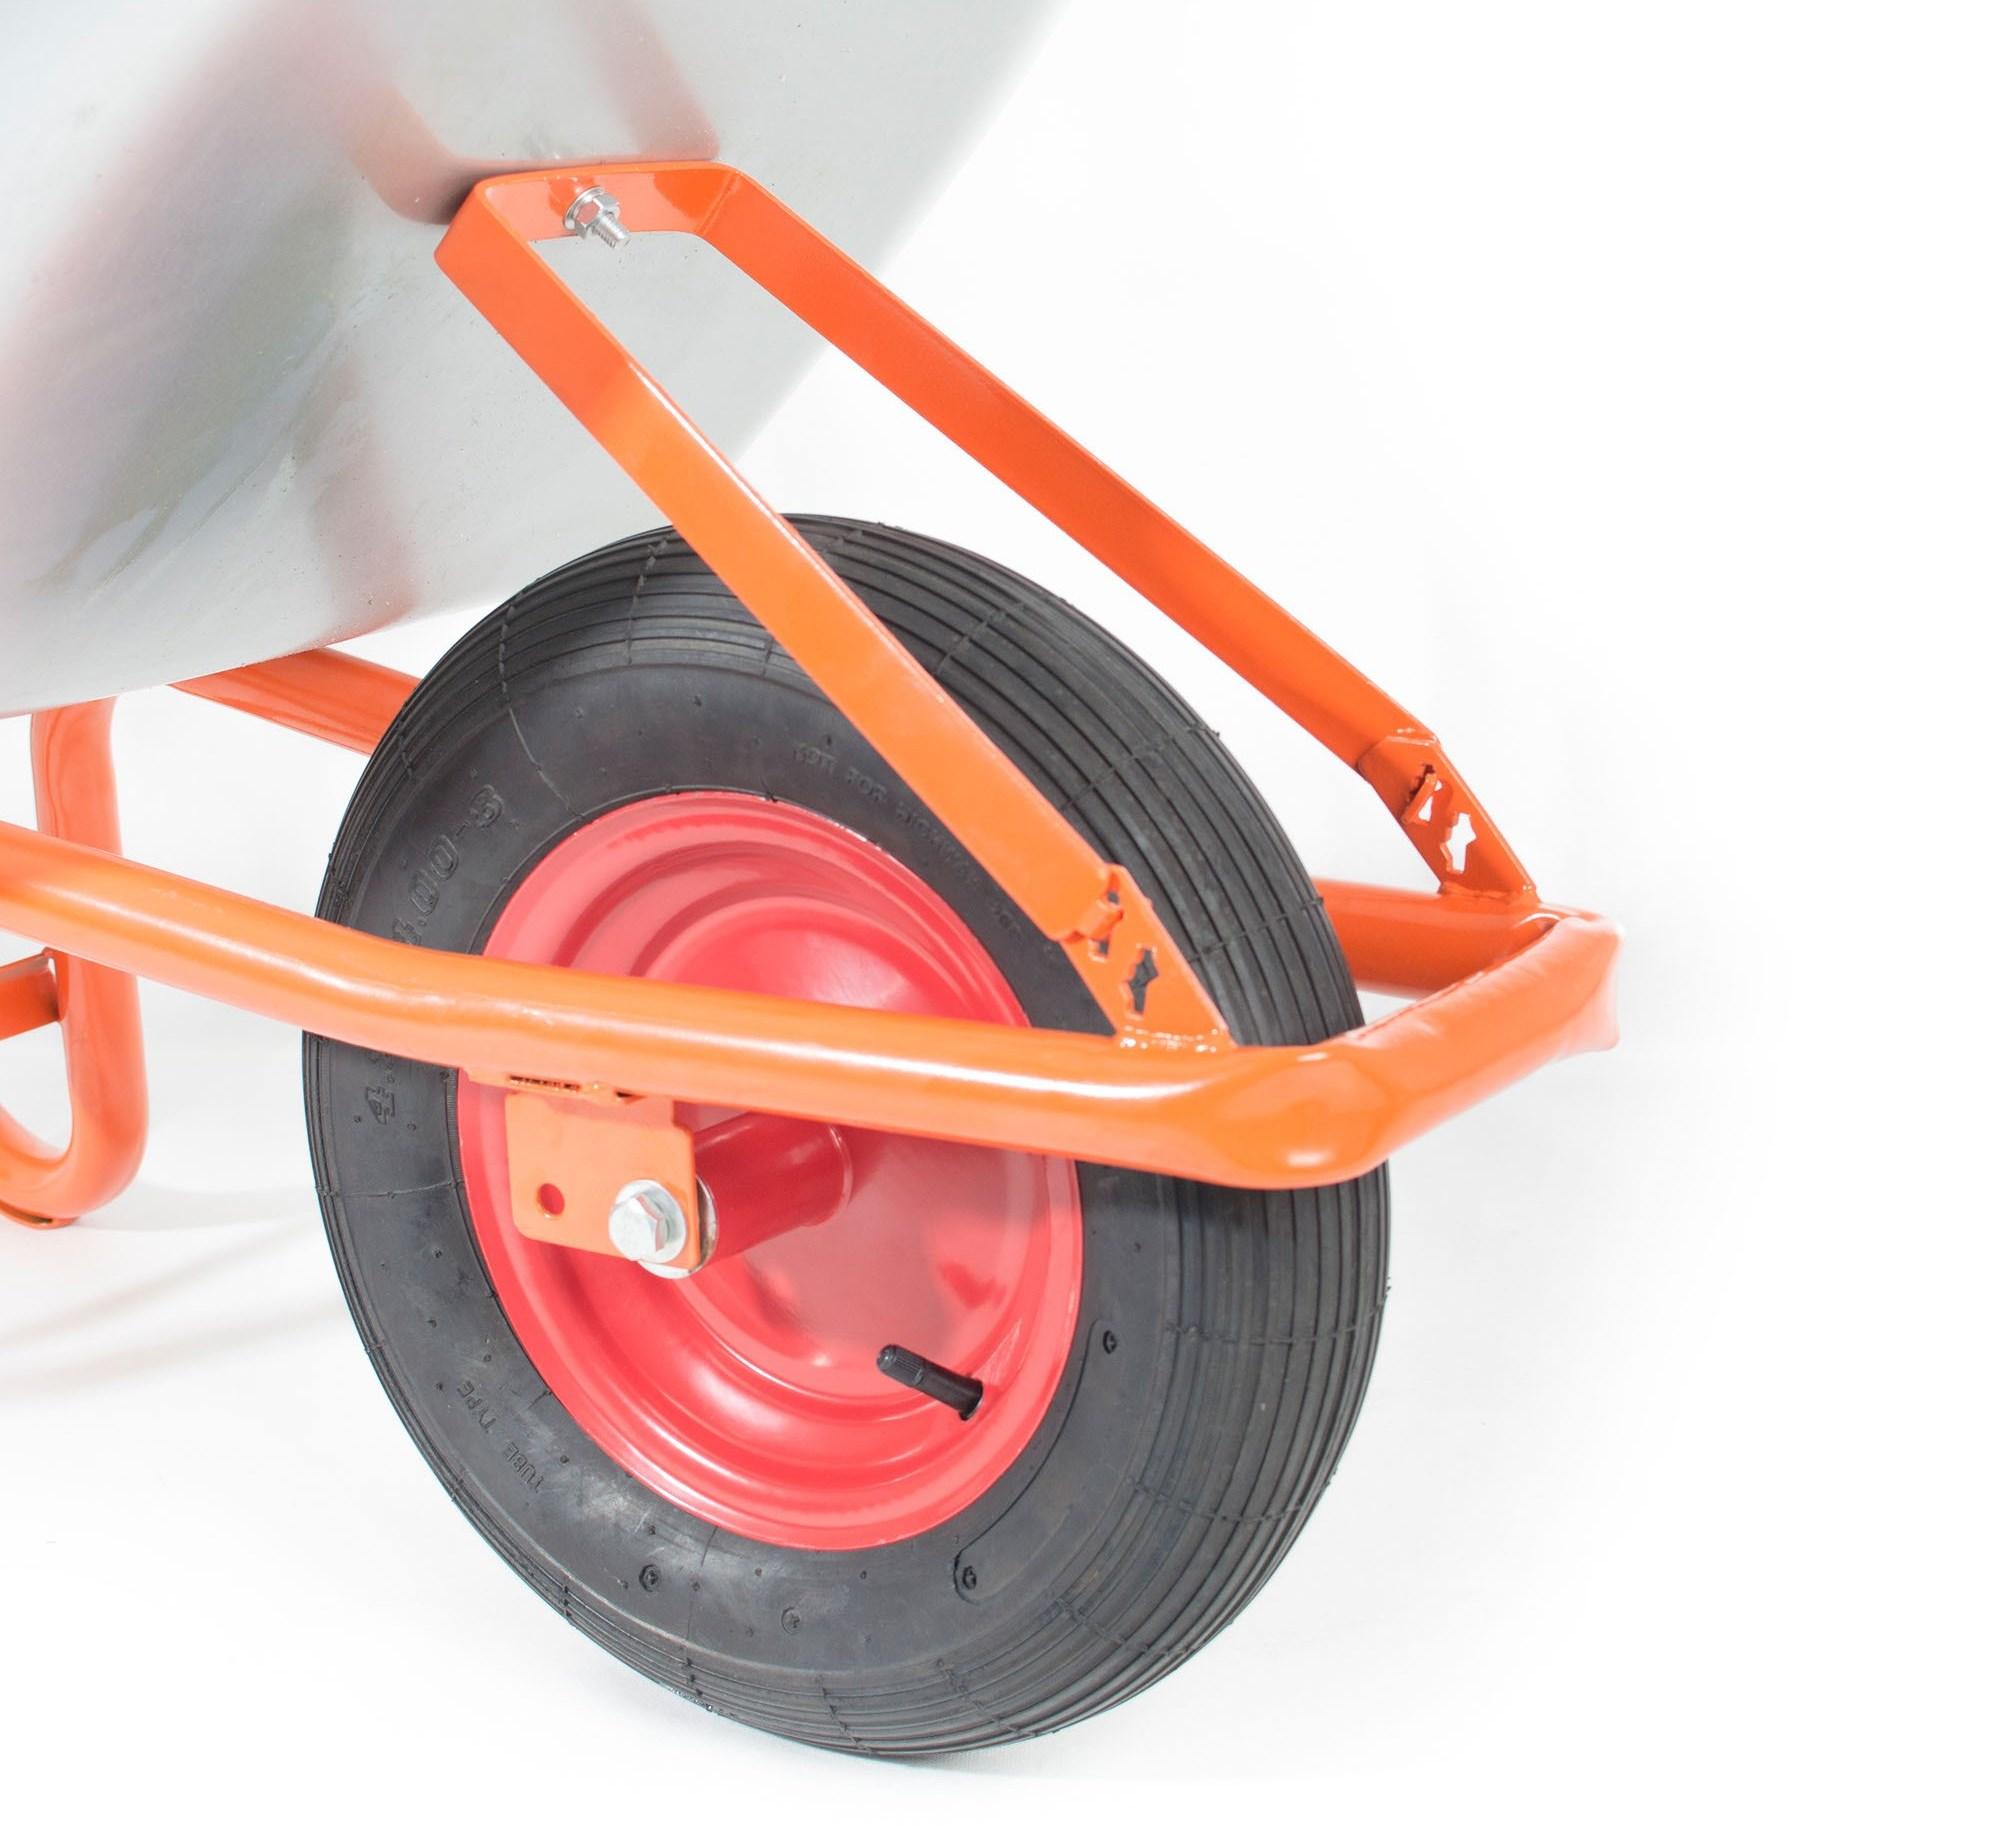 nafukovací kolo s gumovou pneumatikou, které vám významně ulehčí práci s převážením nákladu